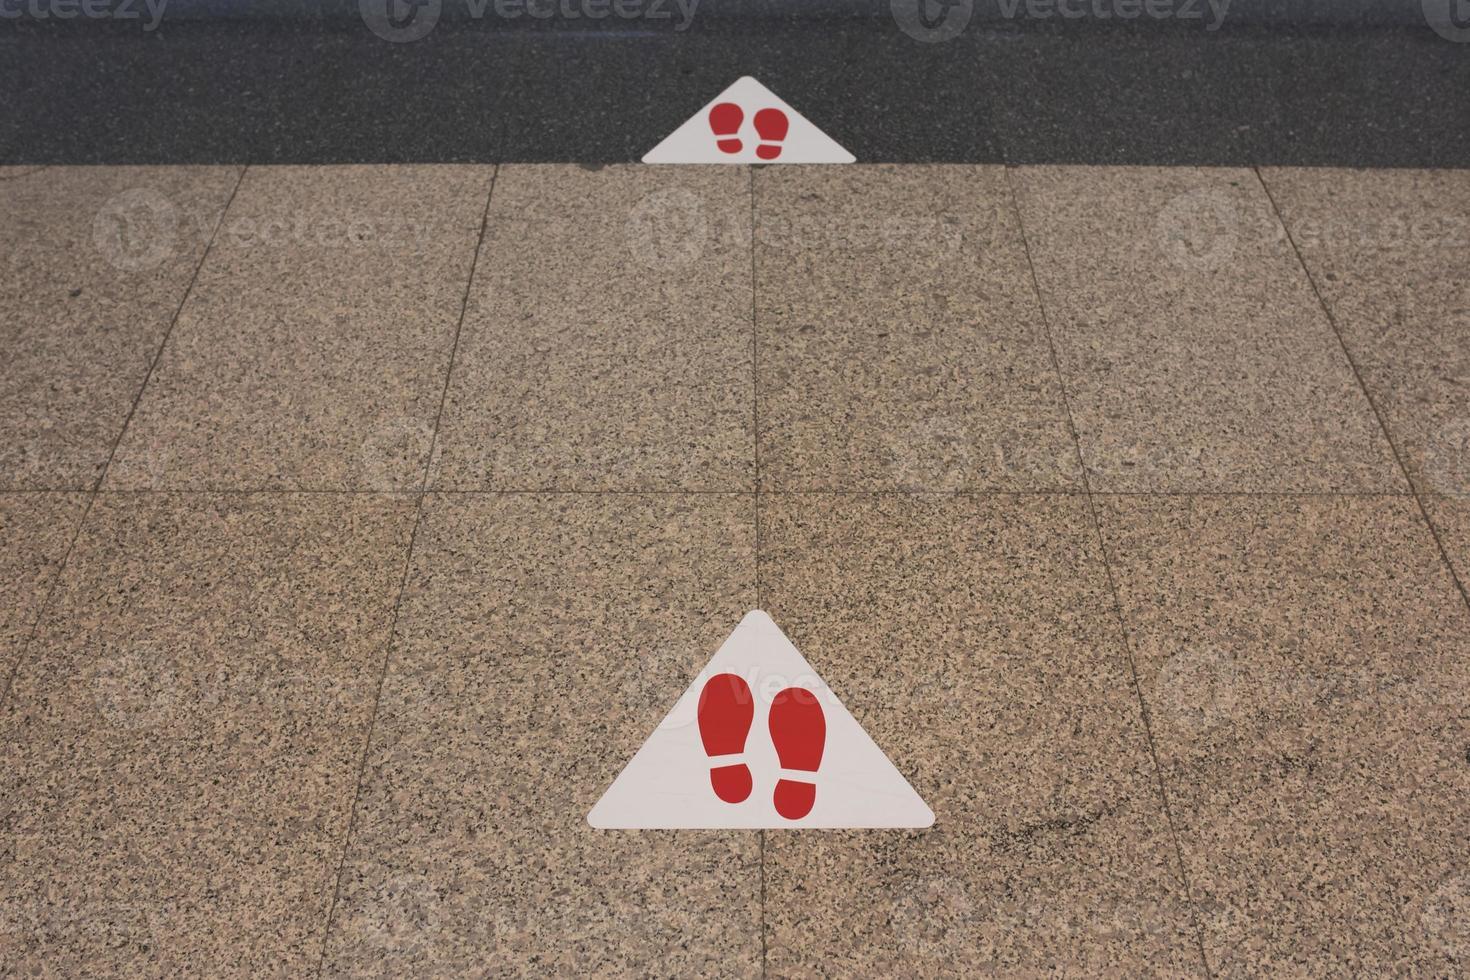 indicatori di distanza sociale sul terreno foto